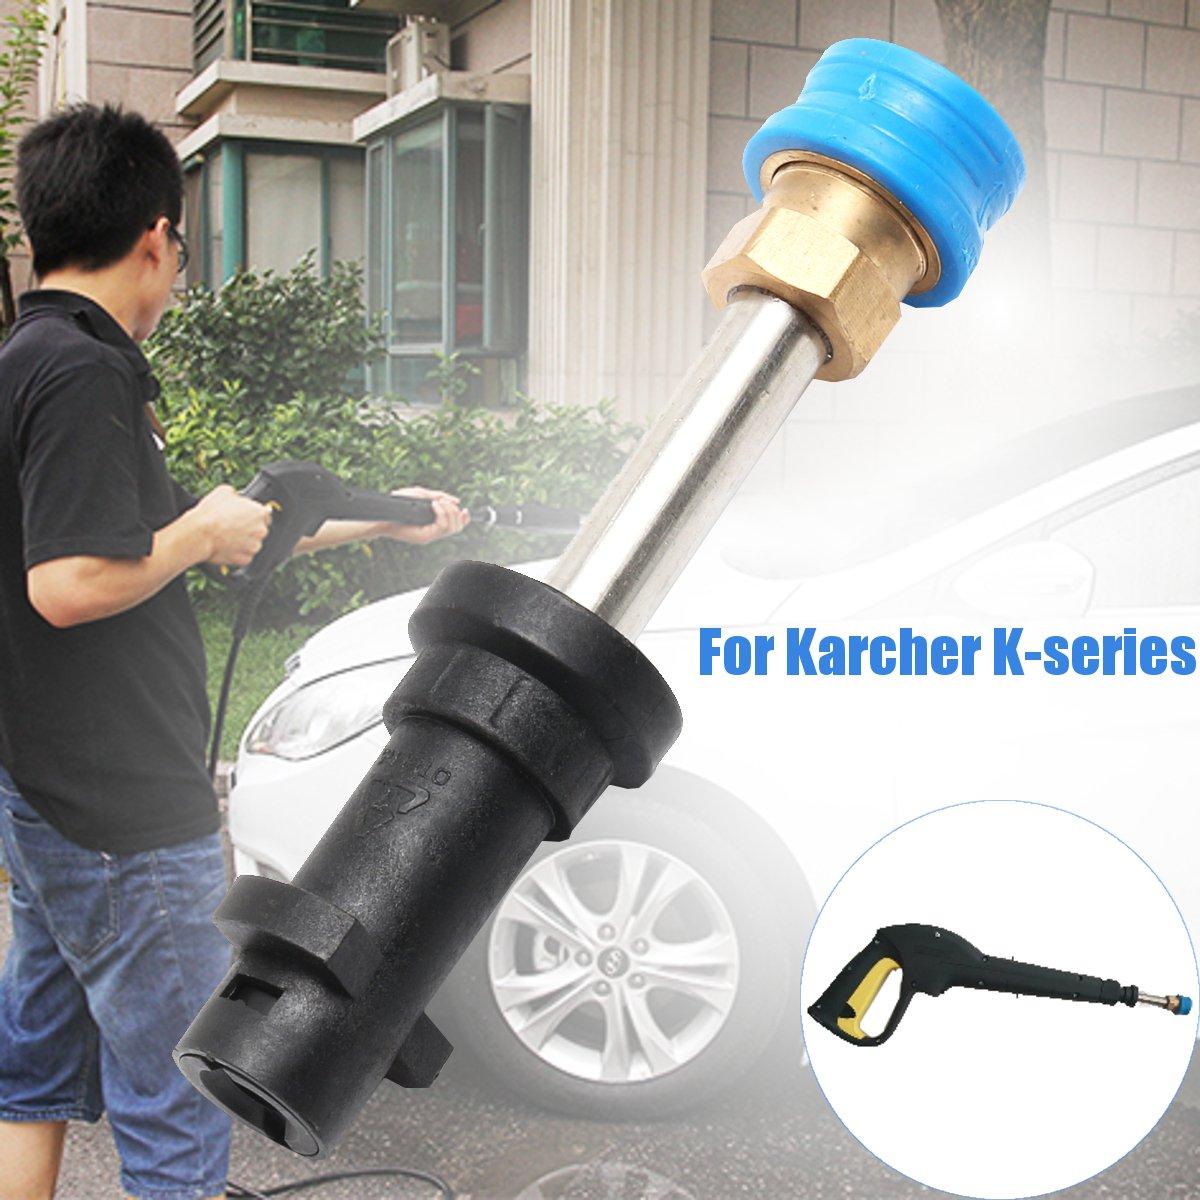 SAFETYON Düse Adapter Metall Jet Wasser Spray Waschmaschine Umstellung Adapter Druck Kompakte Schnellverschluss Für Uns Karcher K-Serie